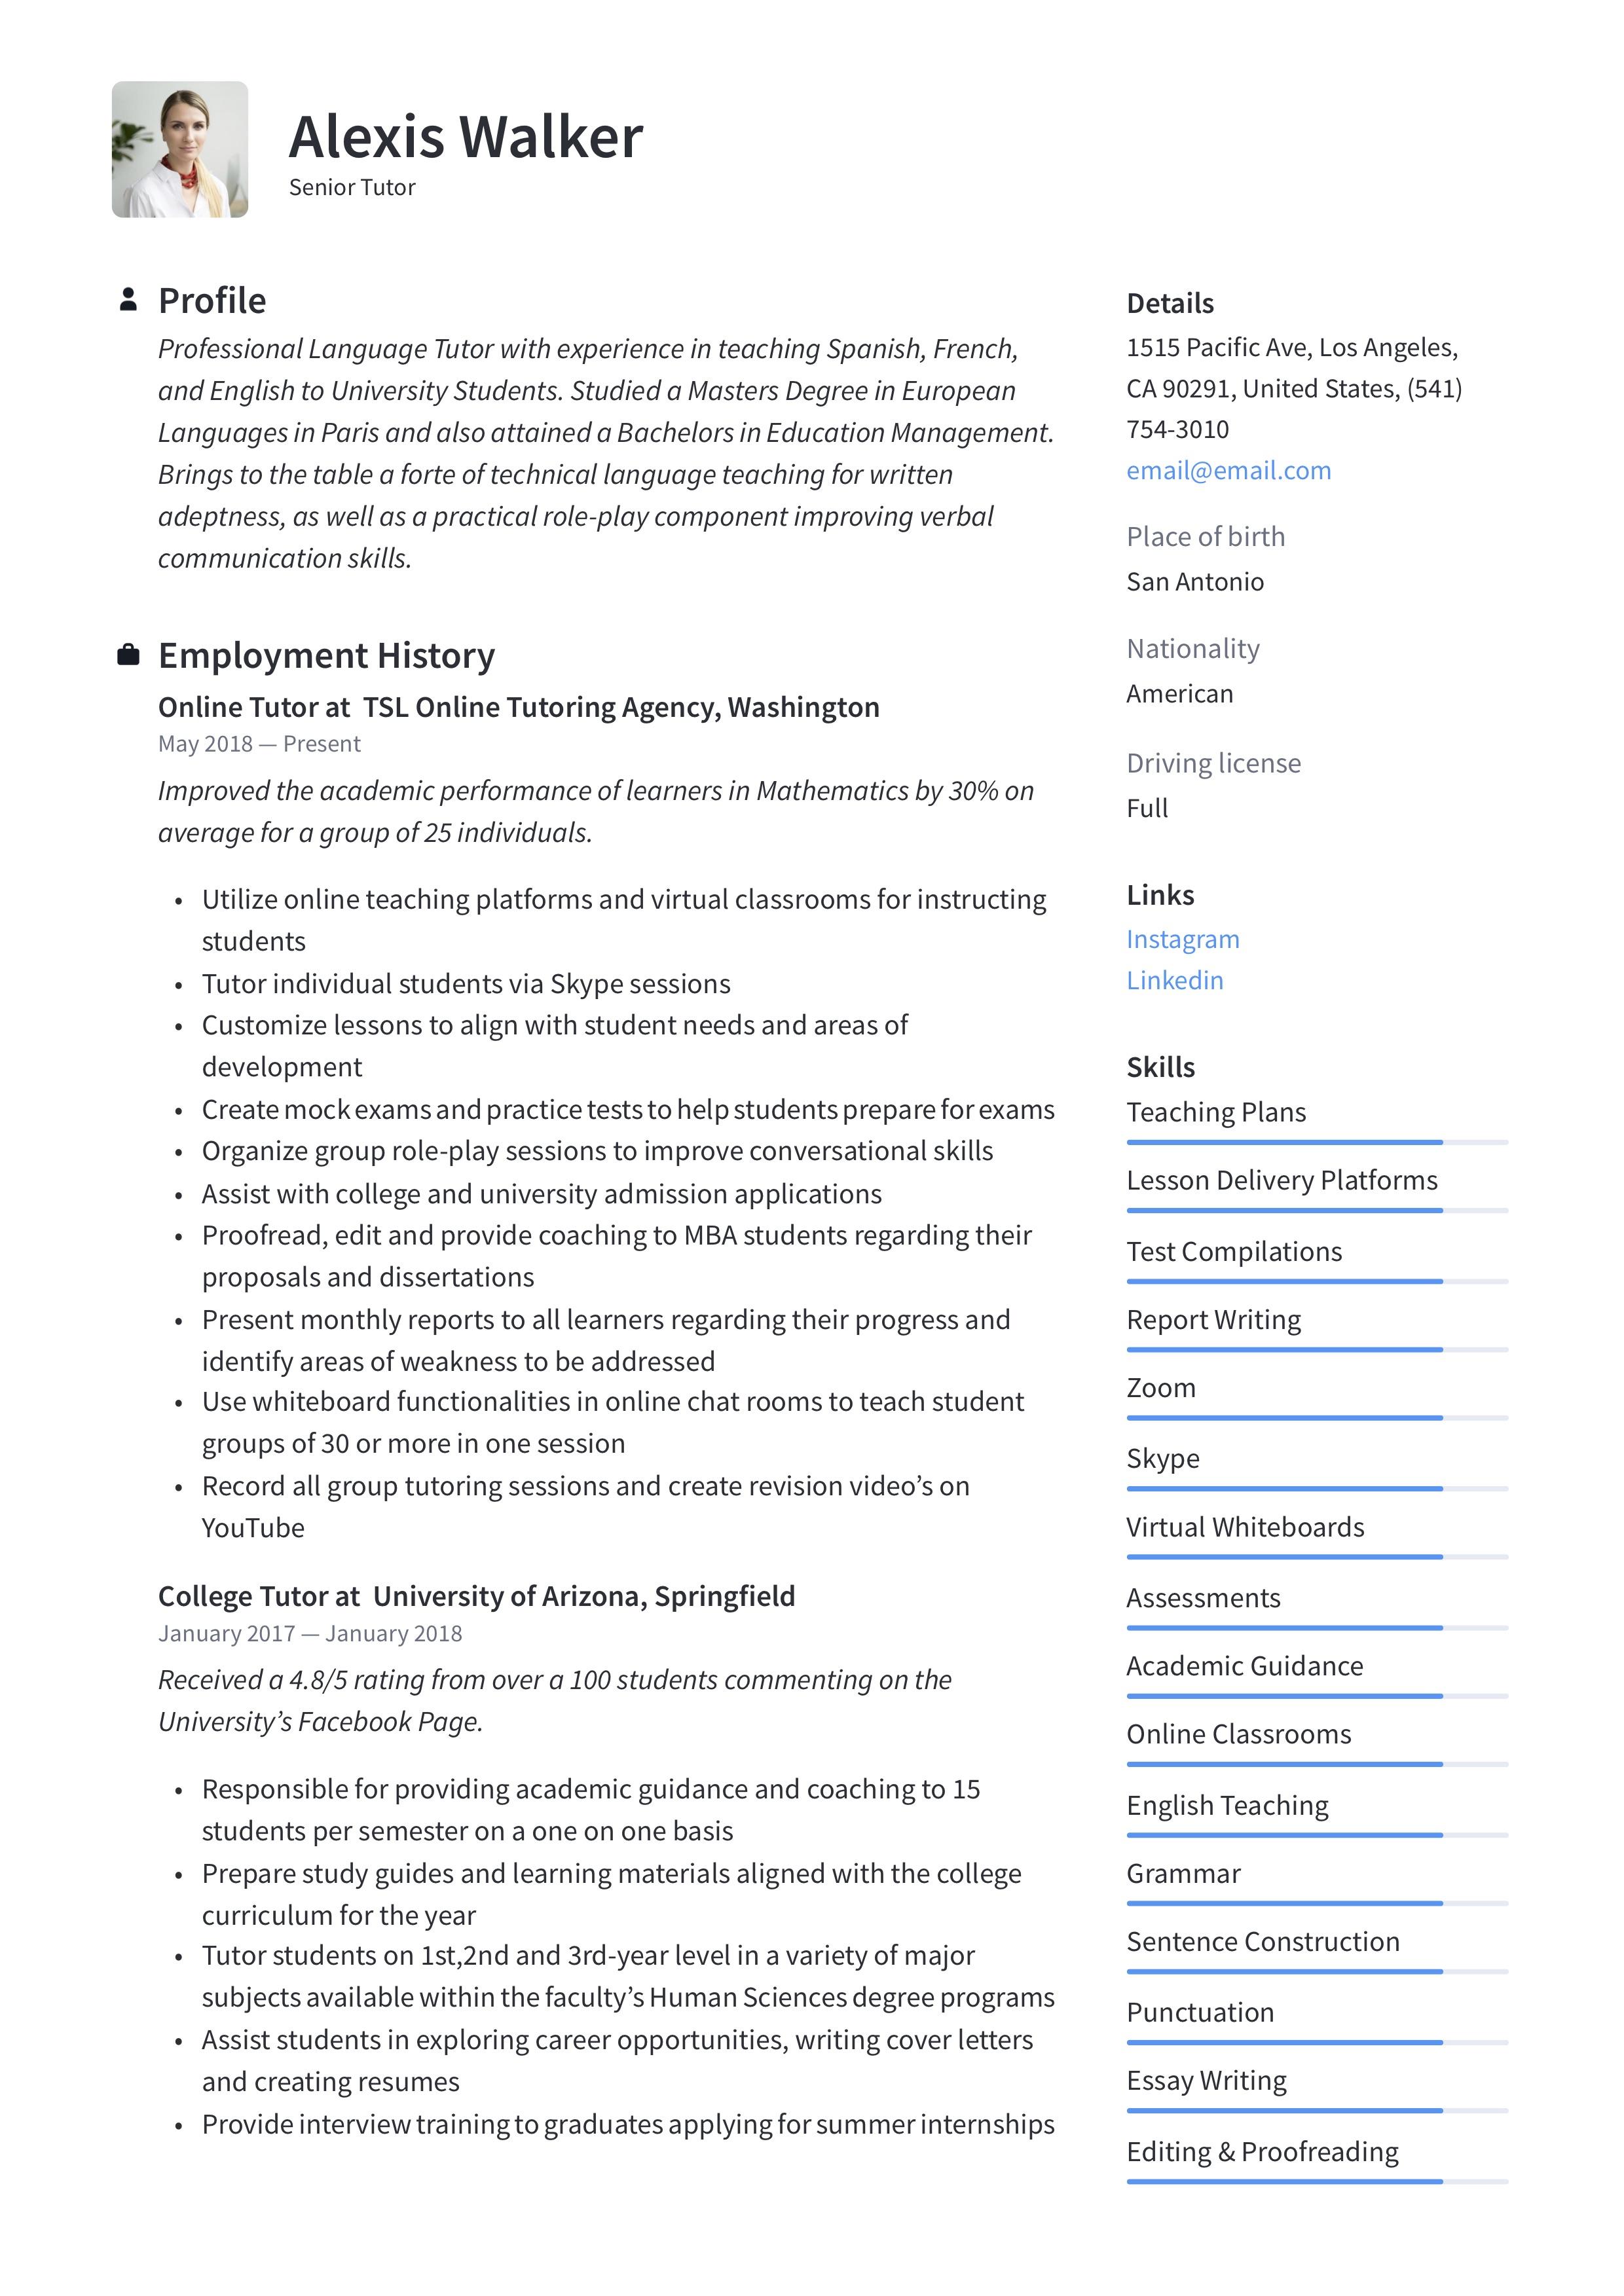 Resume Sample Tutor